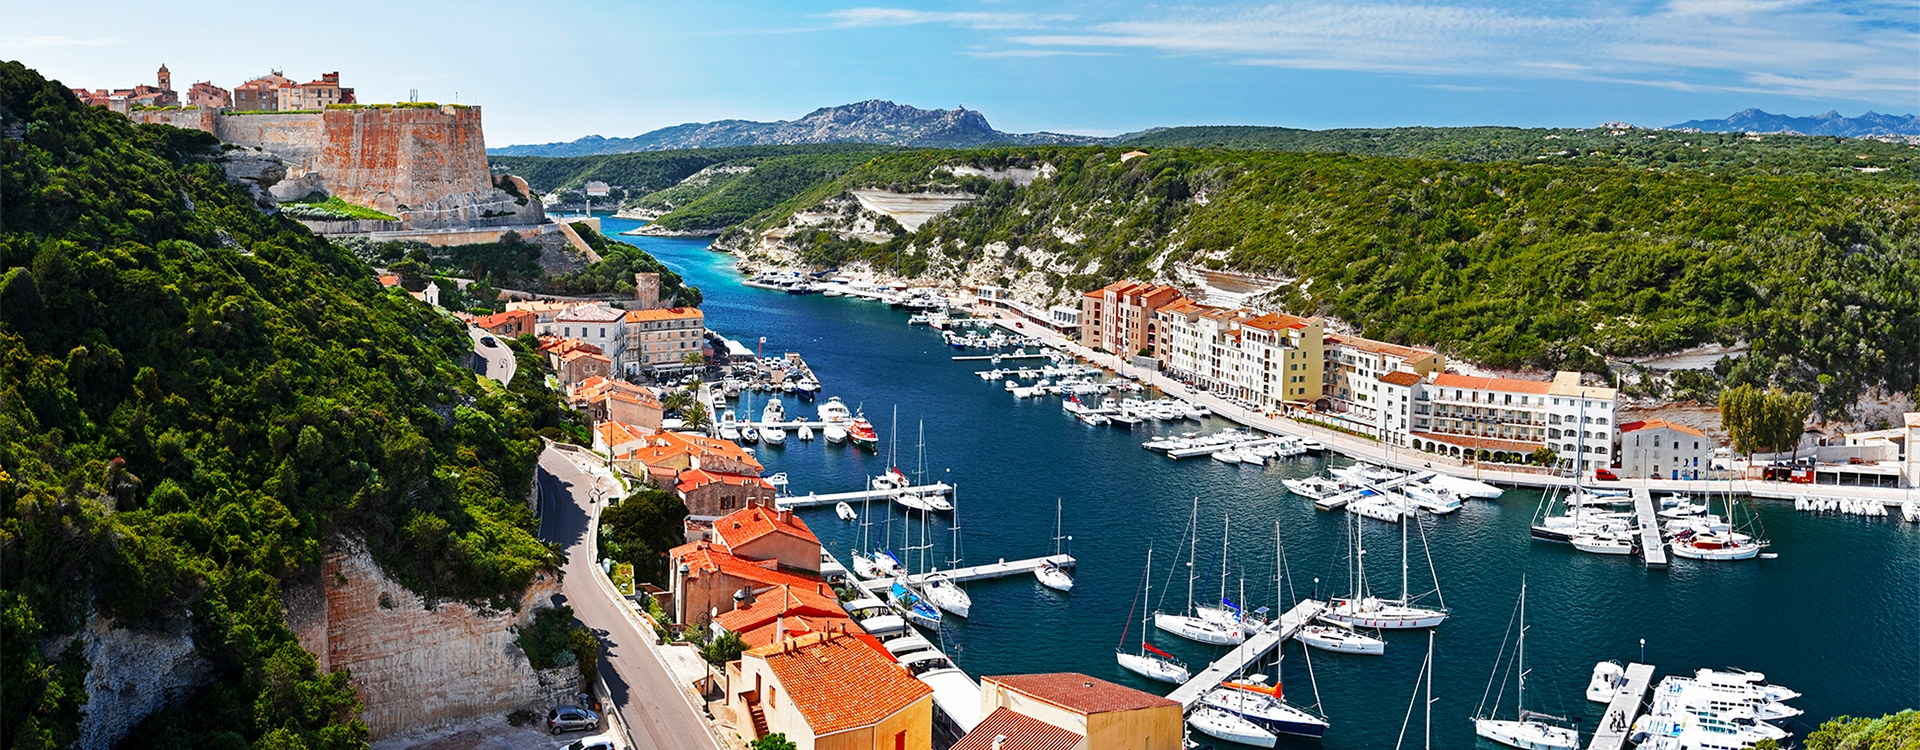 Le top 10 des lieux à découvrir en Corse